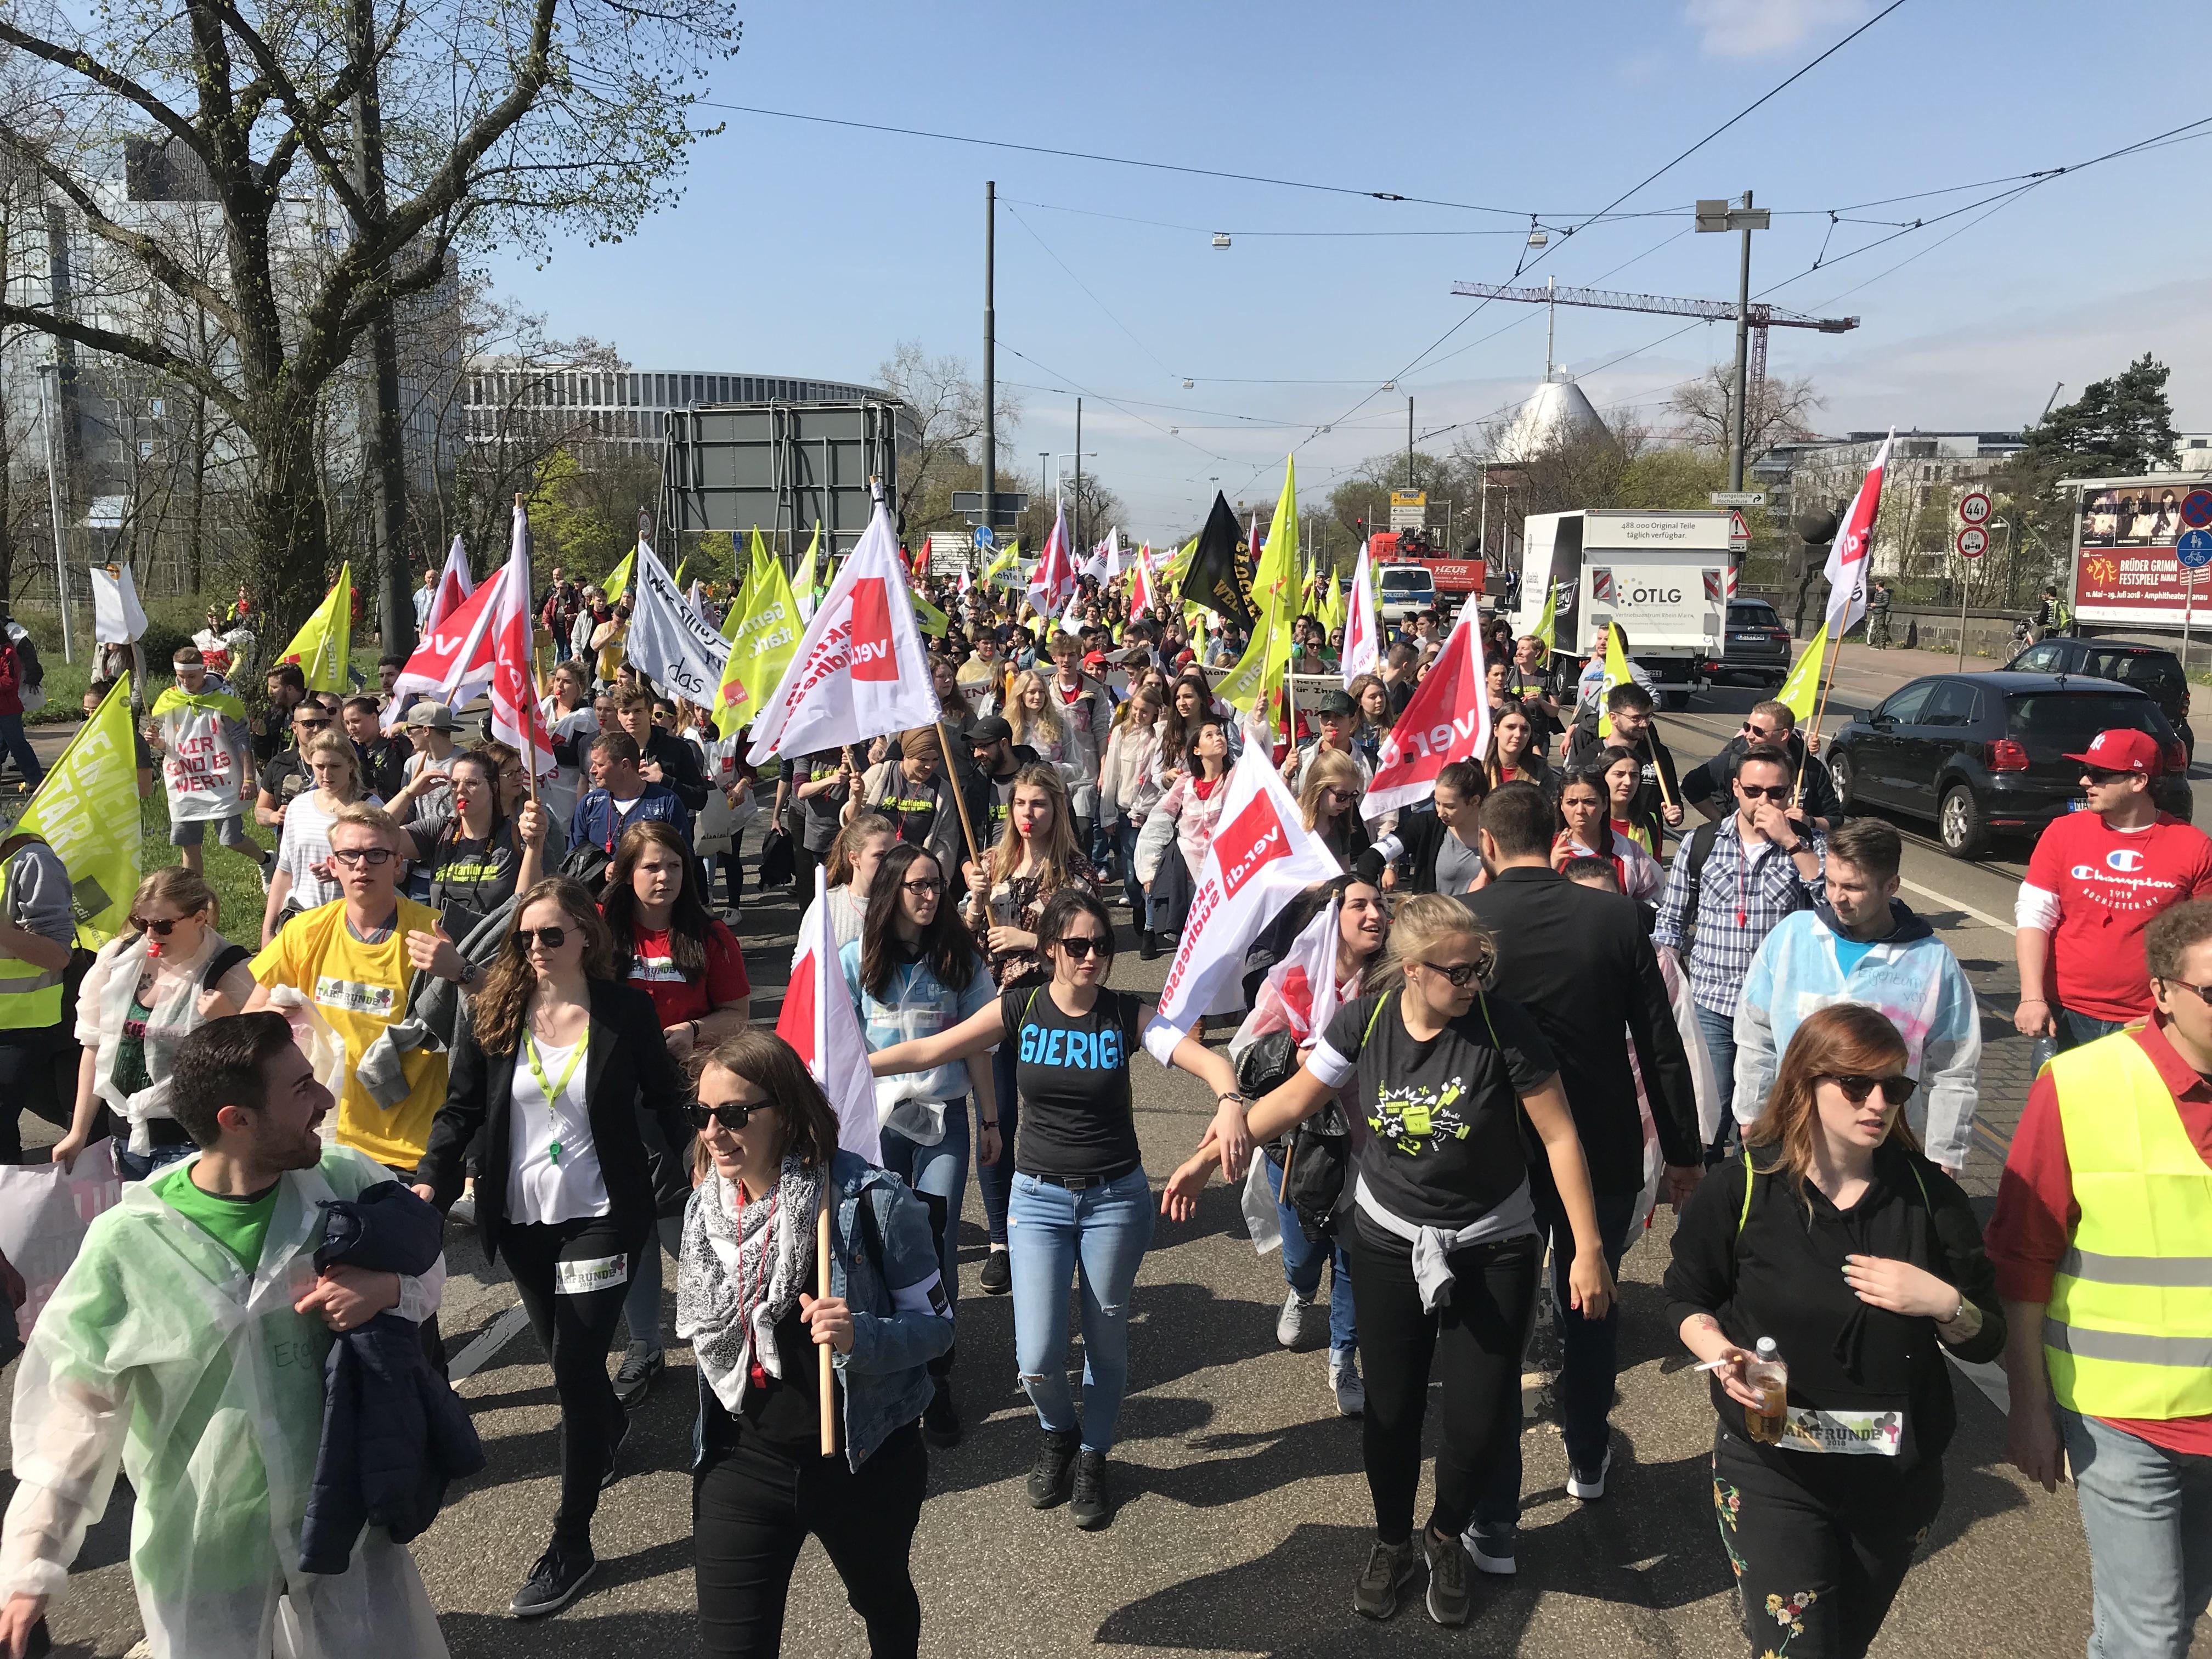 Tarifrunde: Streik bei Telekom am Mittwoch auf Höhepunkt - Bilder von der Streikaktion am 11. April 2018 (Verdi)